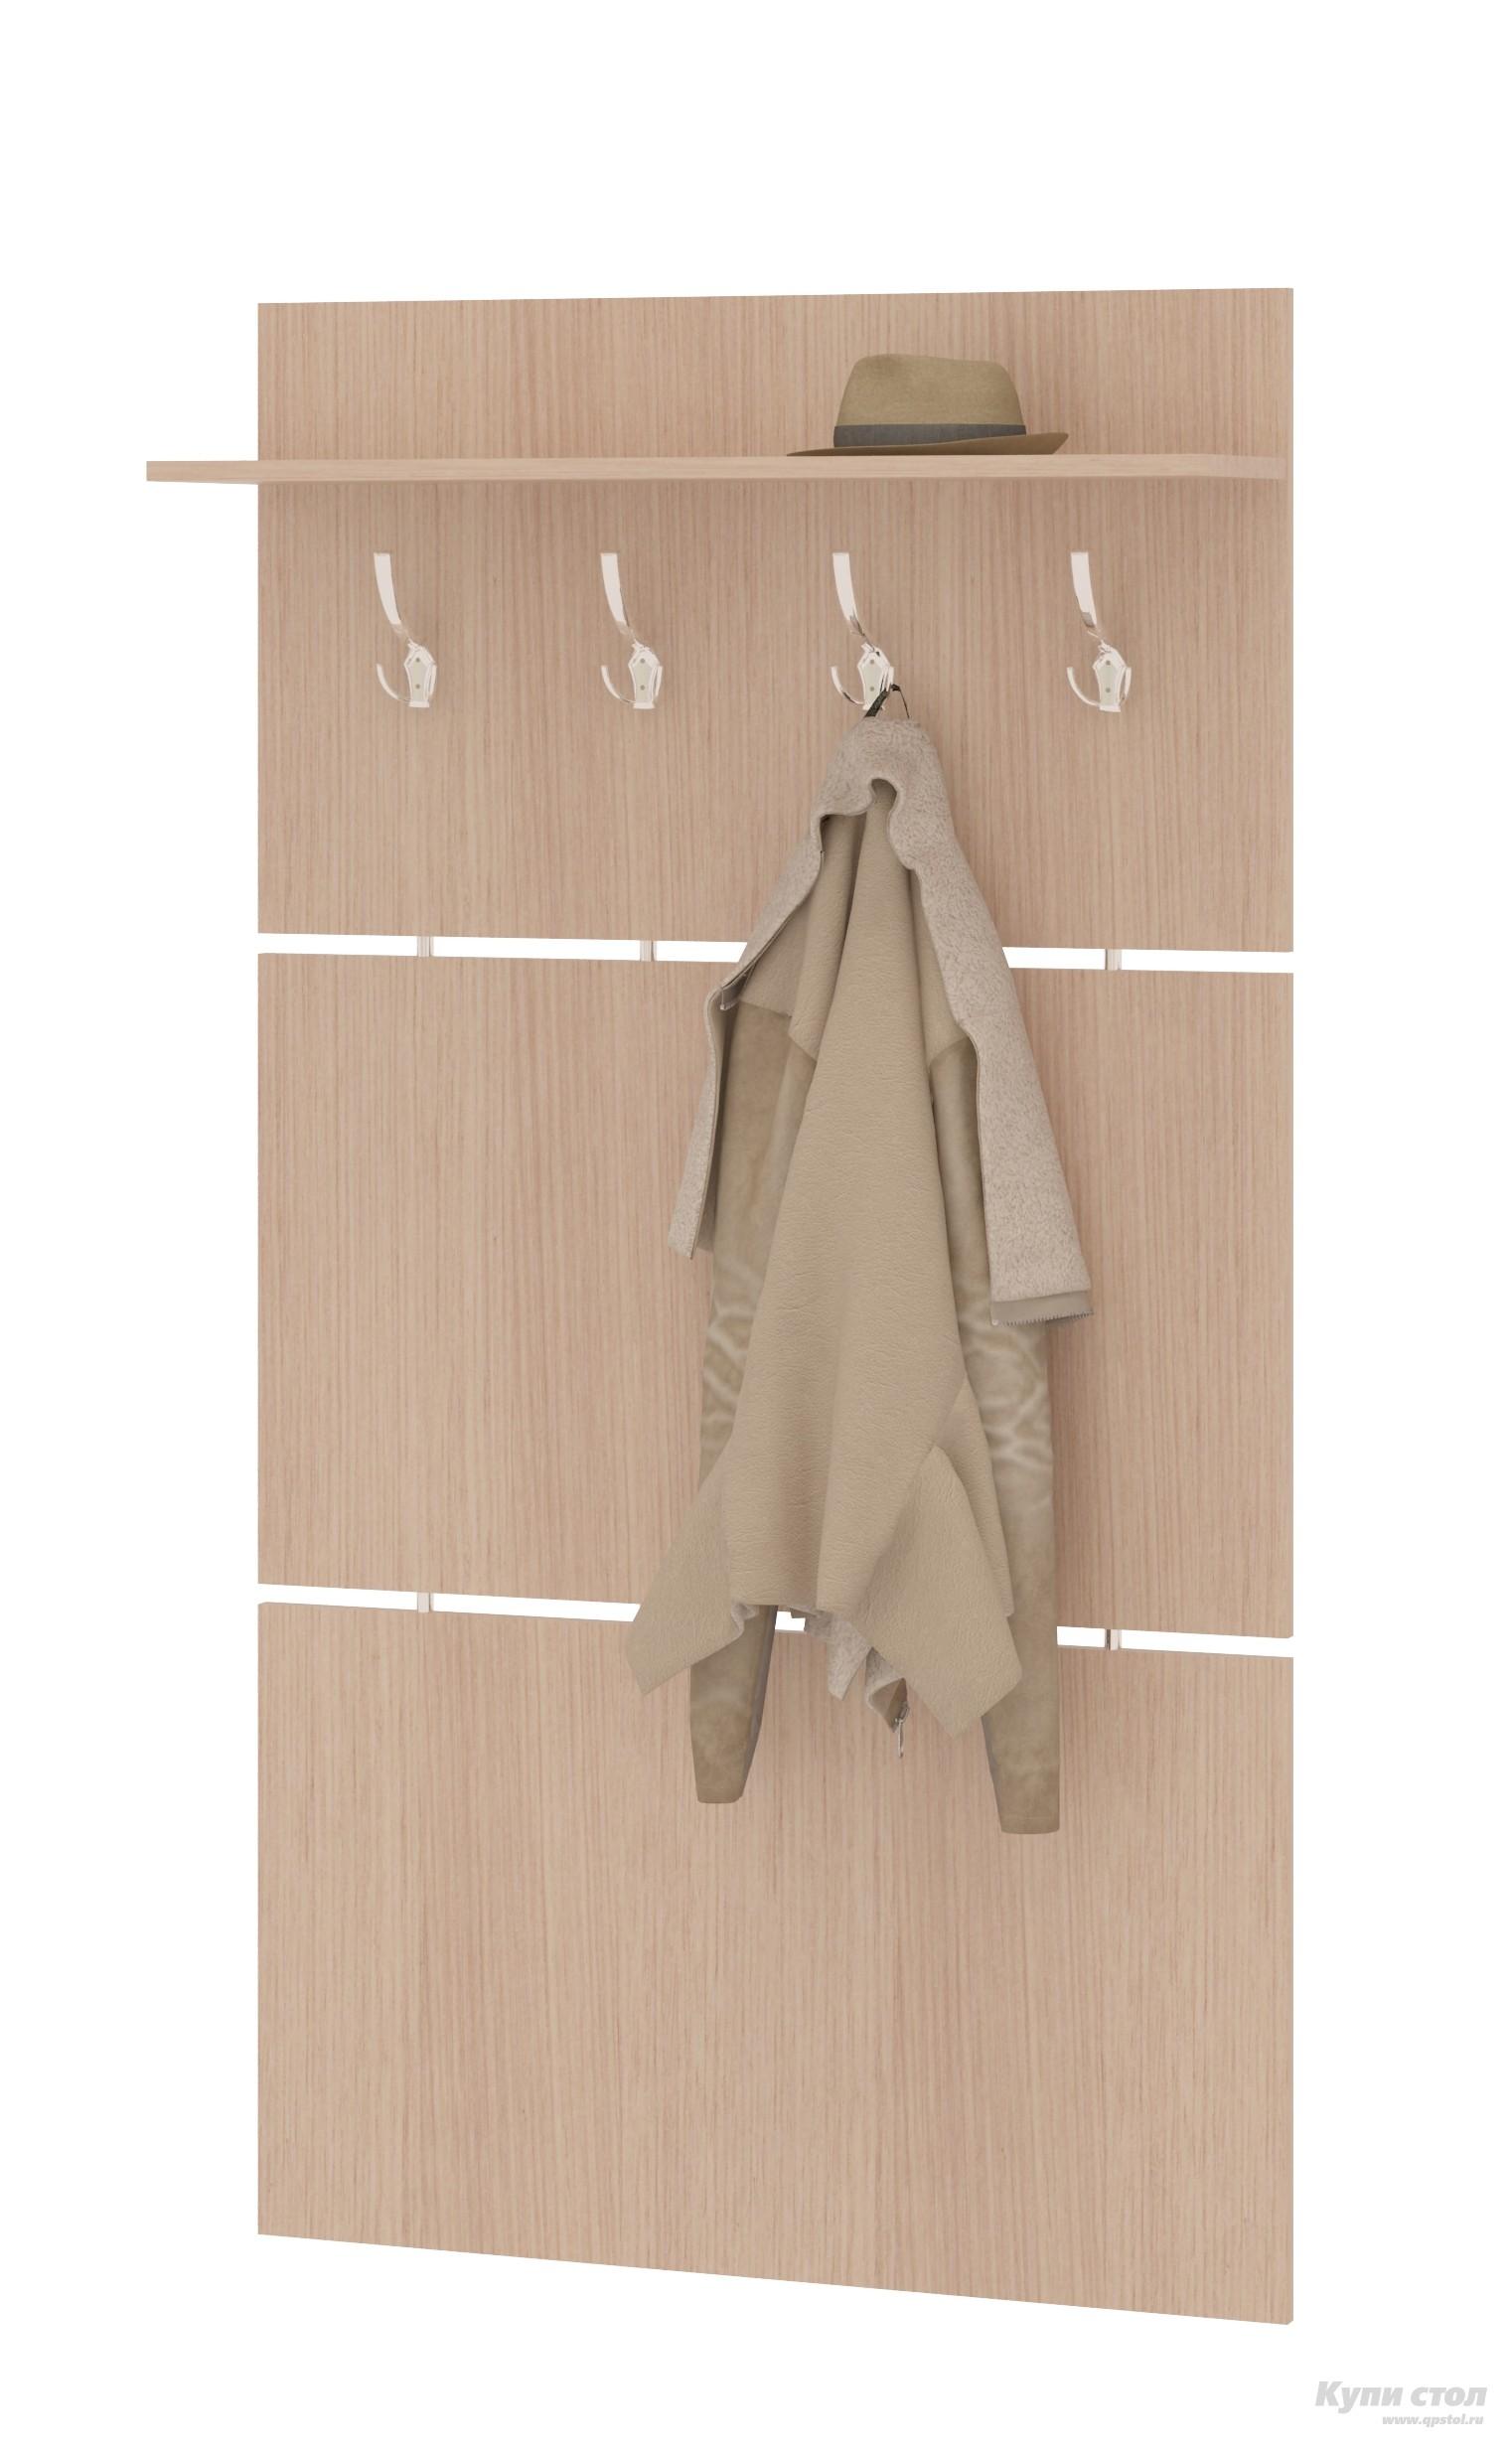 Настенная вешалка Сокол ВШ-3.1 Беленый дубНастенные вешалки<br>Габаритные размеры ВхШхГ 1460x900x212 мм. Широкая навесная вешалка, выполненная в строгом стиле, позволит разместить сезонную одежду всей семьи.  Вешалка состоит из 3-х панелей соединенных металлическими  вставками.  На верхней панели располагается четыре 3-хрожковых крючка для одежды. Полка, закрепленная над крючками, предназначена специально для головных уборов и зонтов.  Максимальная нагрузка на полку составляет 5кг. Вешалка изготовлена из высококачественной ДСП 16 мм, края отделаны кромкой ПВХ 0. 4 мм.  Рекомендуем сохранить инструкцию по сборке (паспорт изделия) до истечения гарантийного срока.<br><br>Цвет: Светлое дерево<br>Высота мм: 1460<br>Ширина мм: 900<br>Глубина мм: 212<br>Кол-во упаковок: 1<br>Форма поставки: В разобранном виде<br>Срок гарантии: 2 года